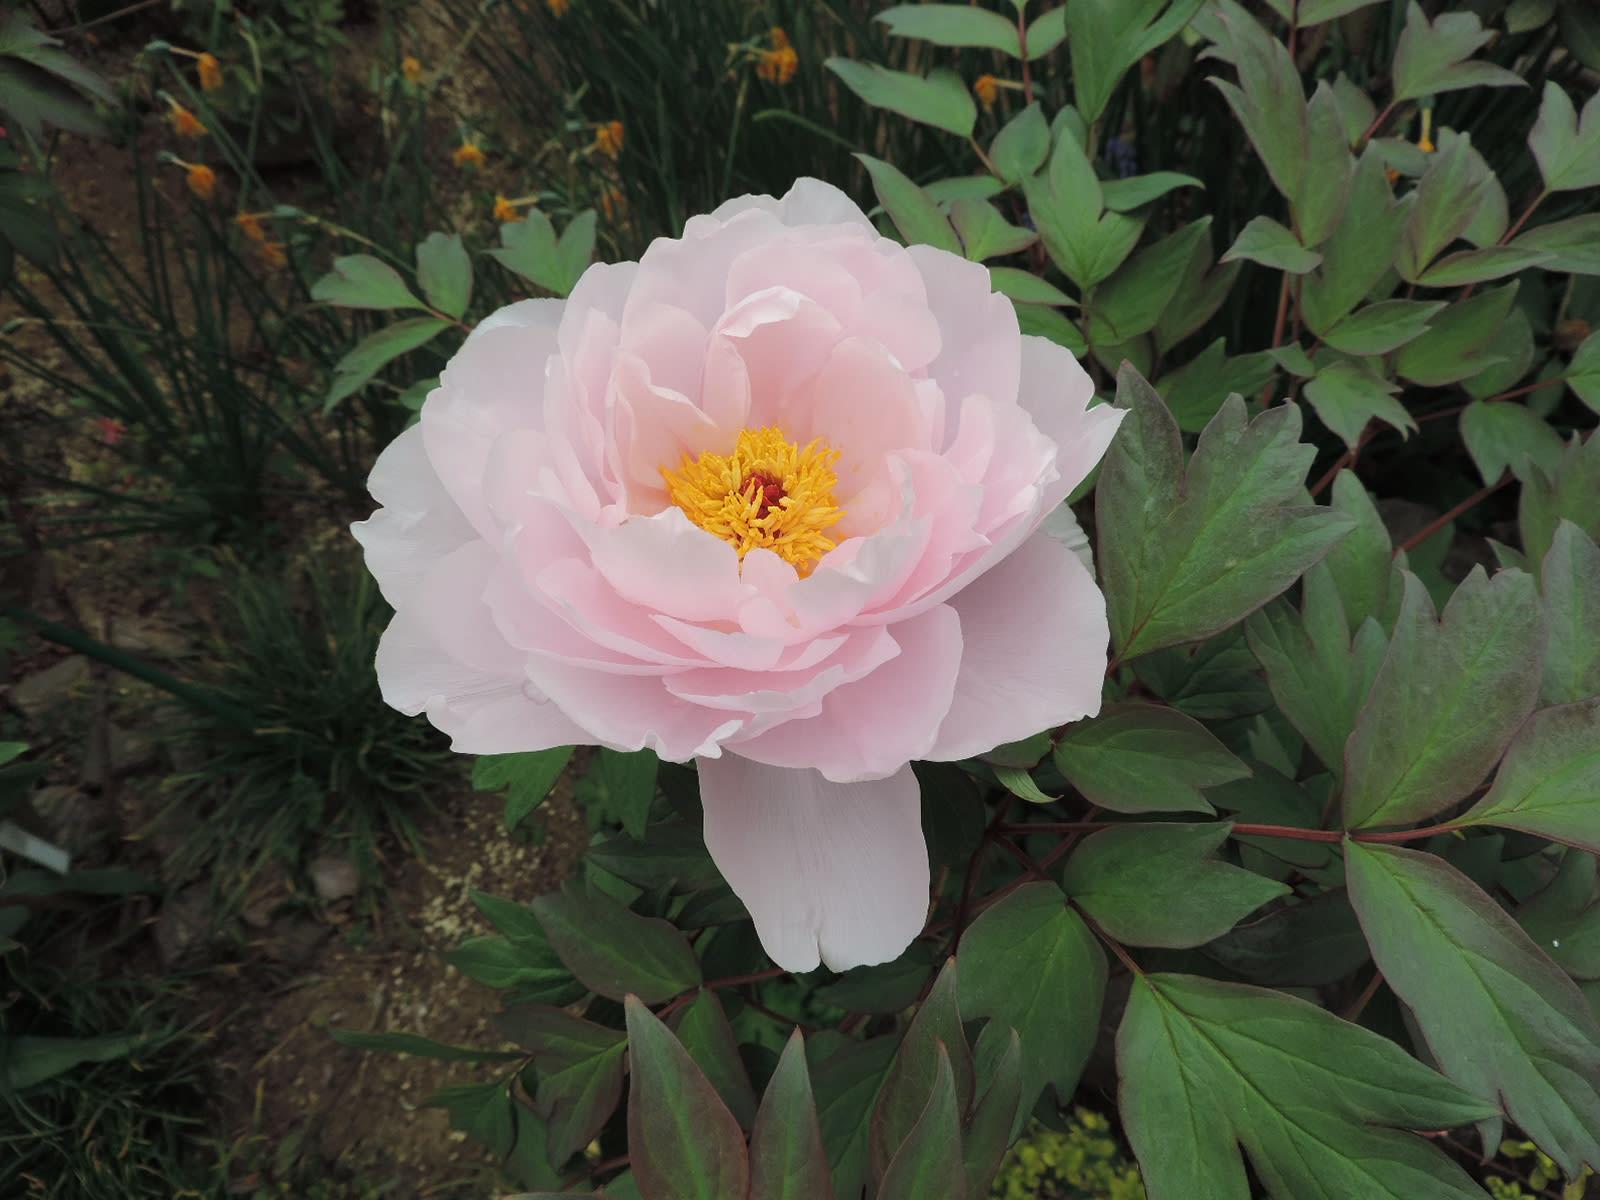 四季芙蓉_牡丹「玉芙蓉」が開化 - 四季彩ガーデンにようこそ